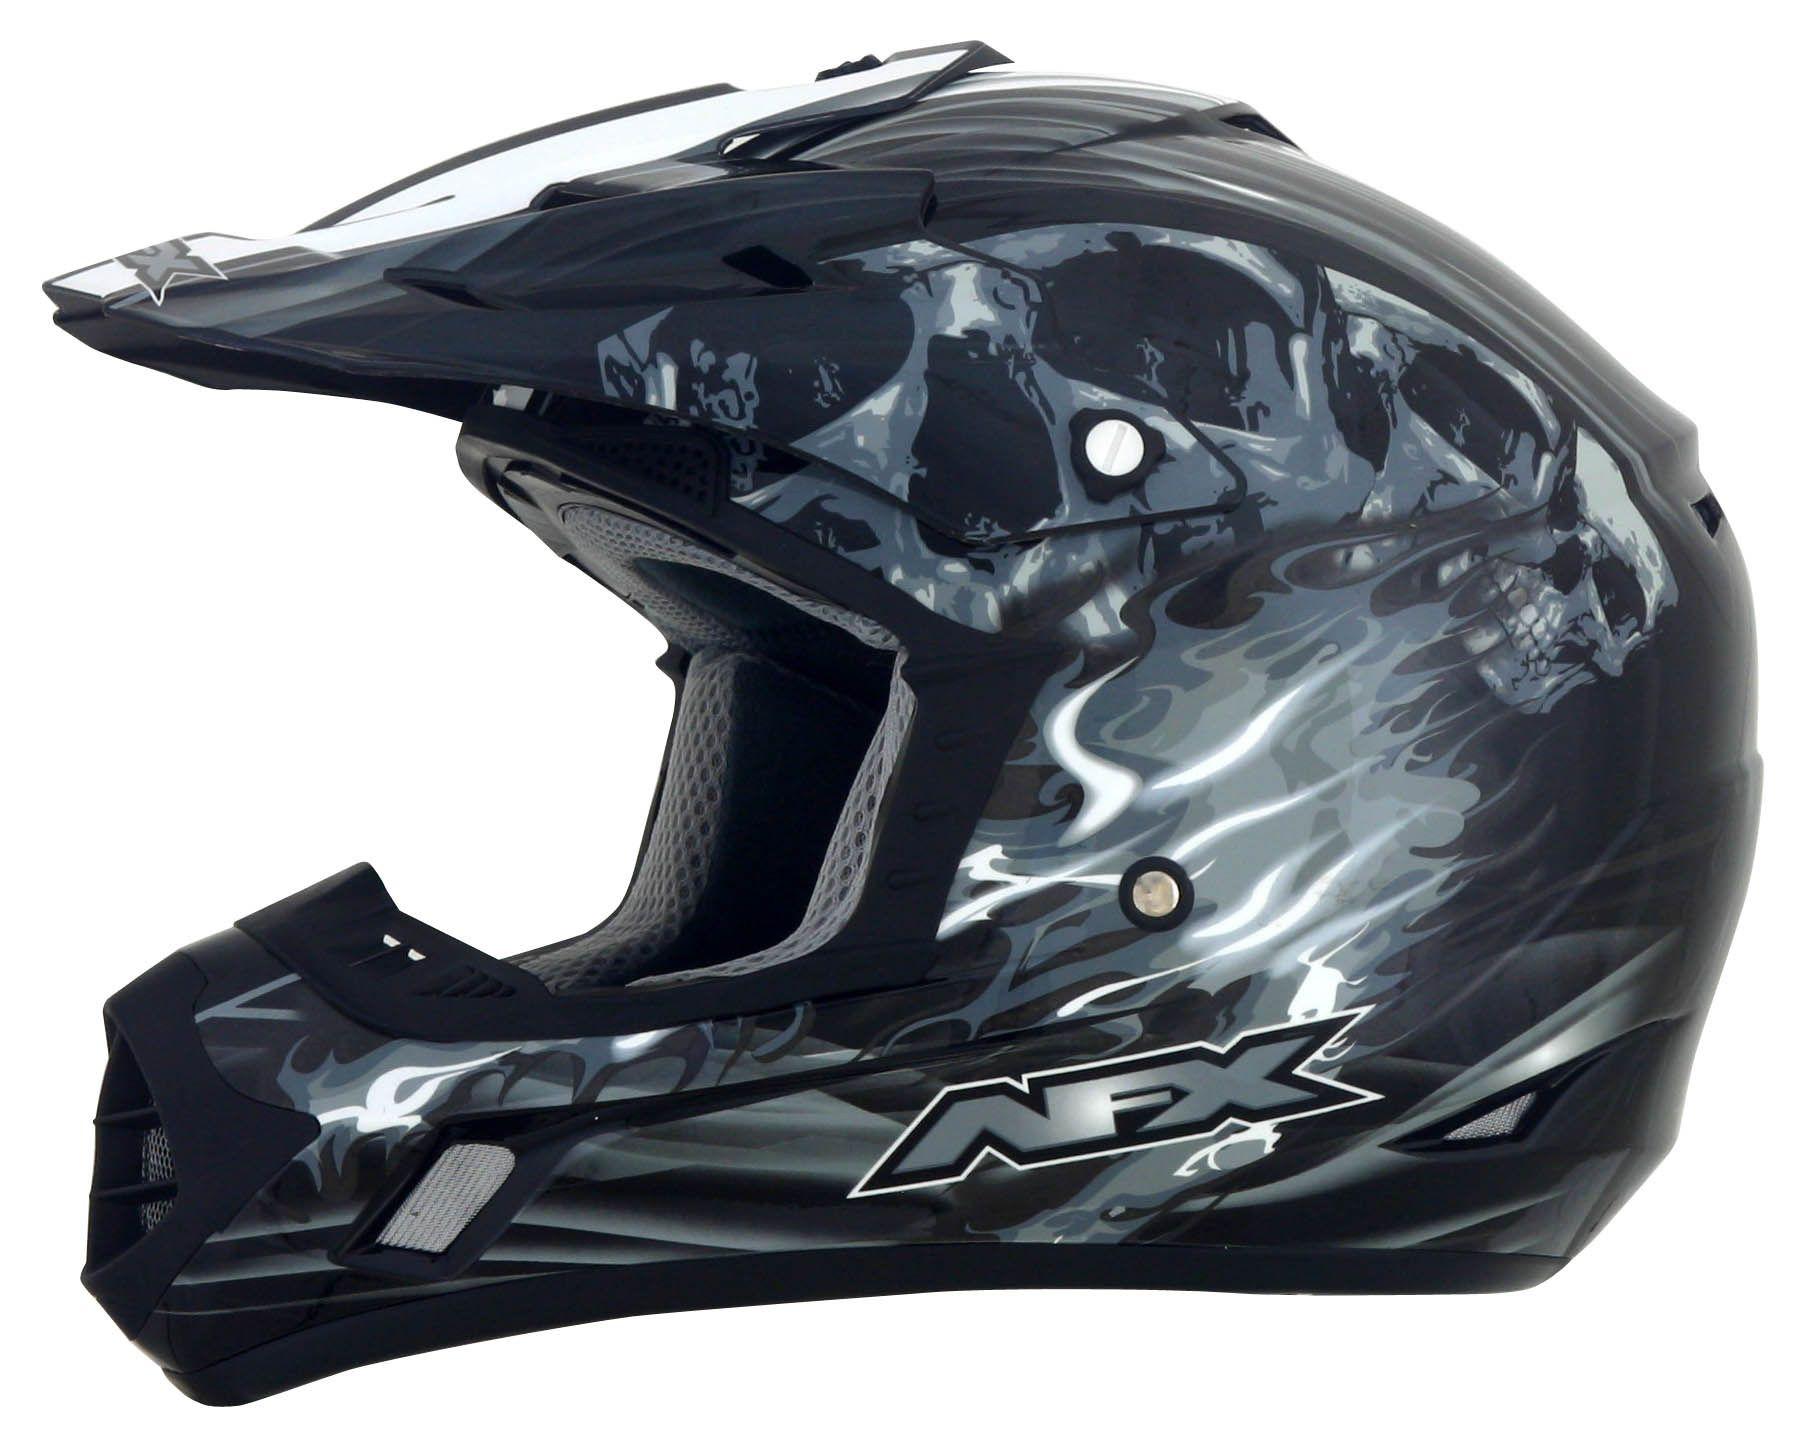 AFX FX-17 Inferno Helmet - RevZilla